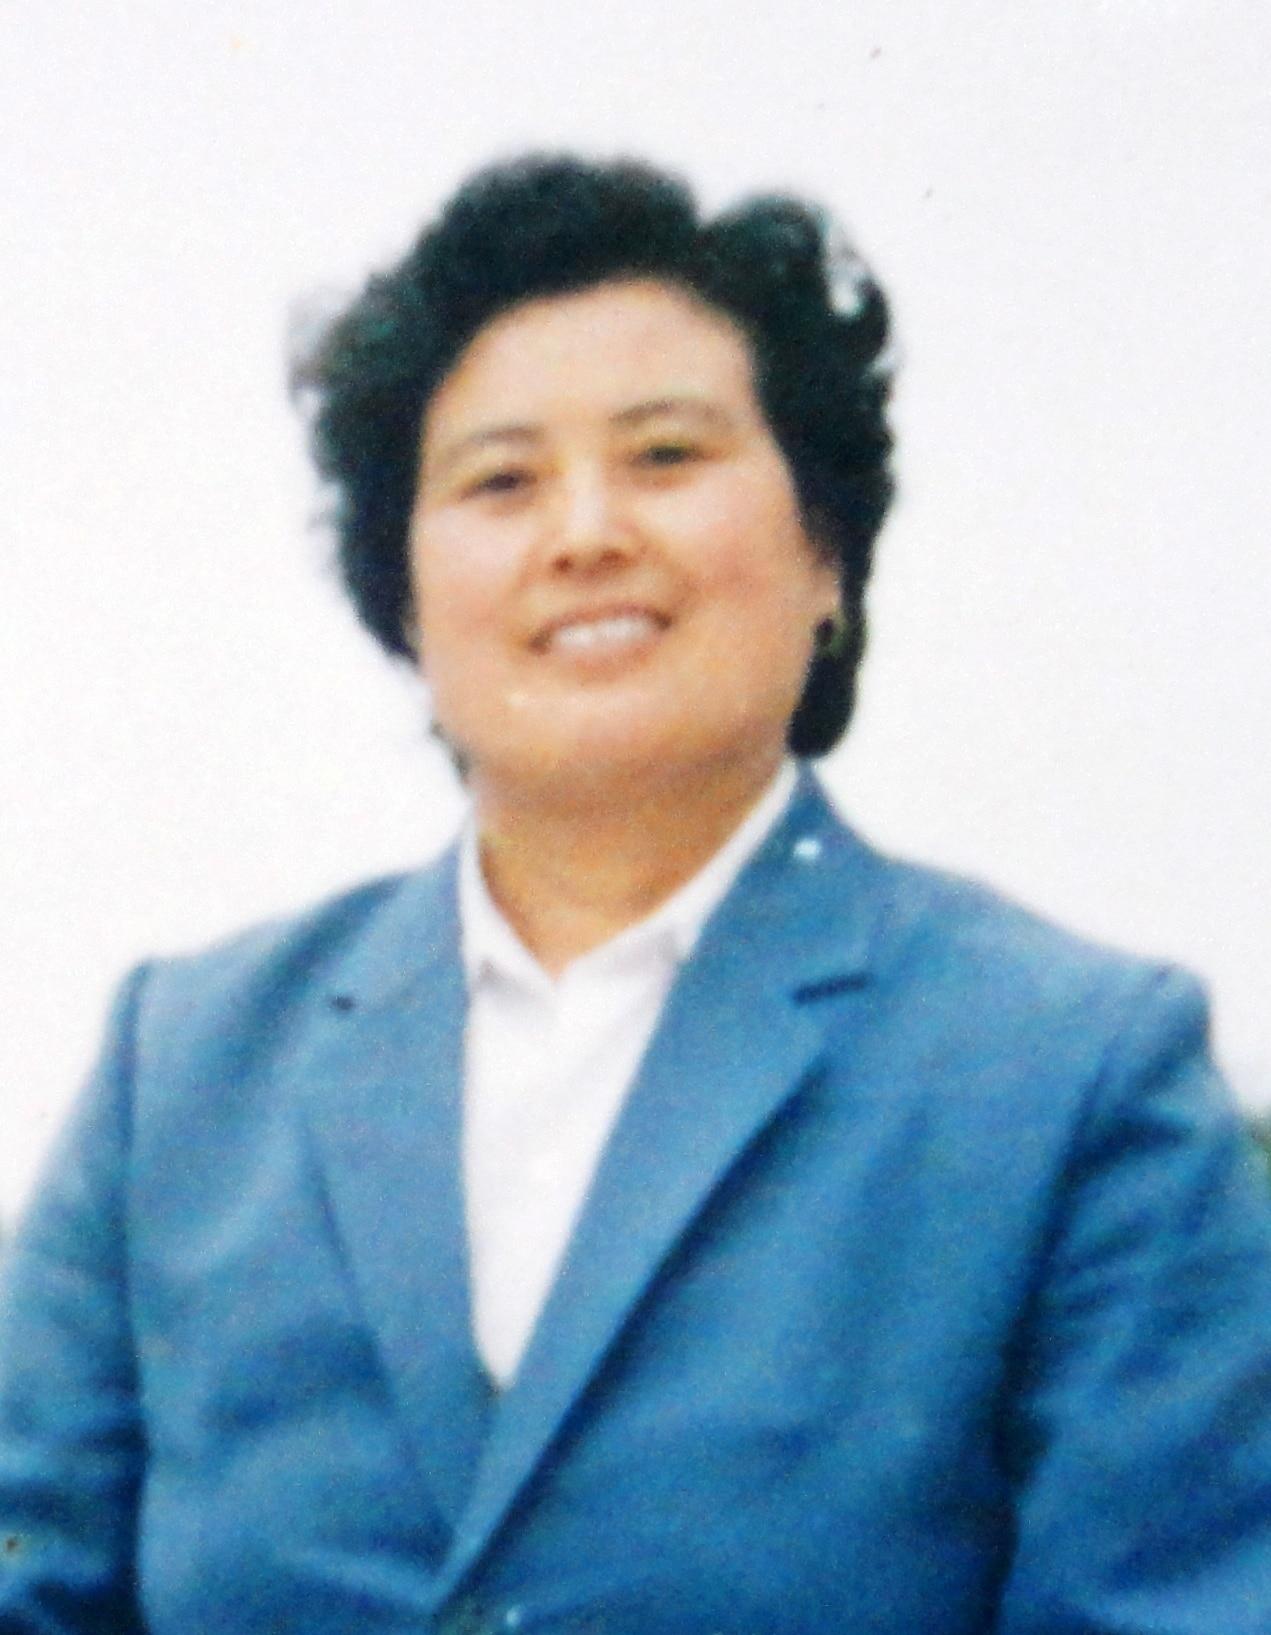 Ms. Zhang Jinghua